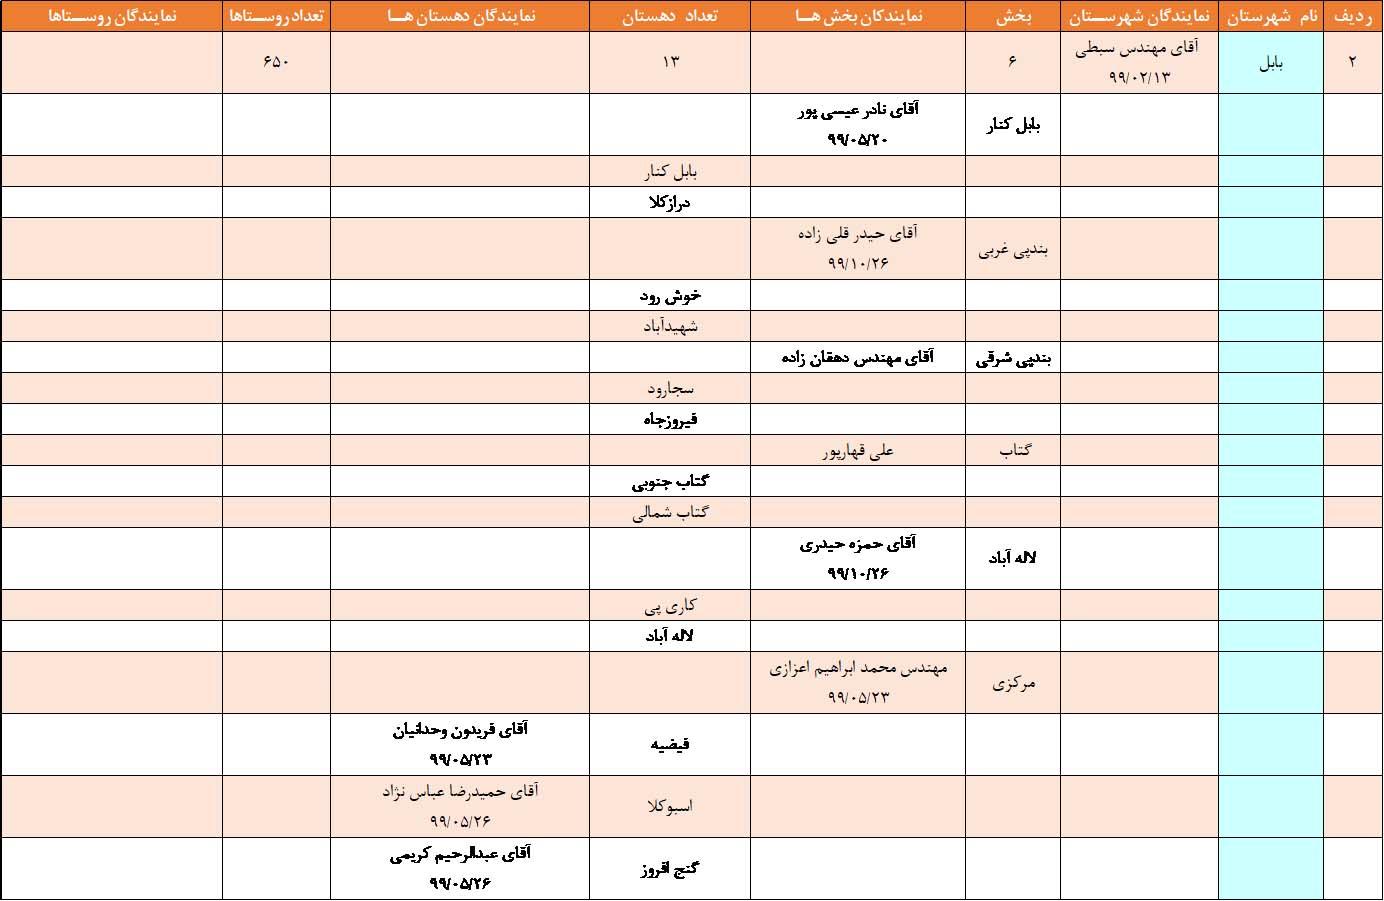 نمایندگان بکوجا در بابل استان مازندران